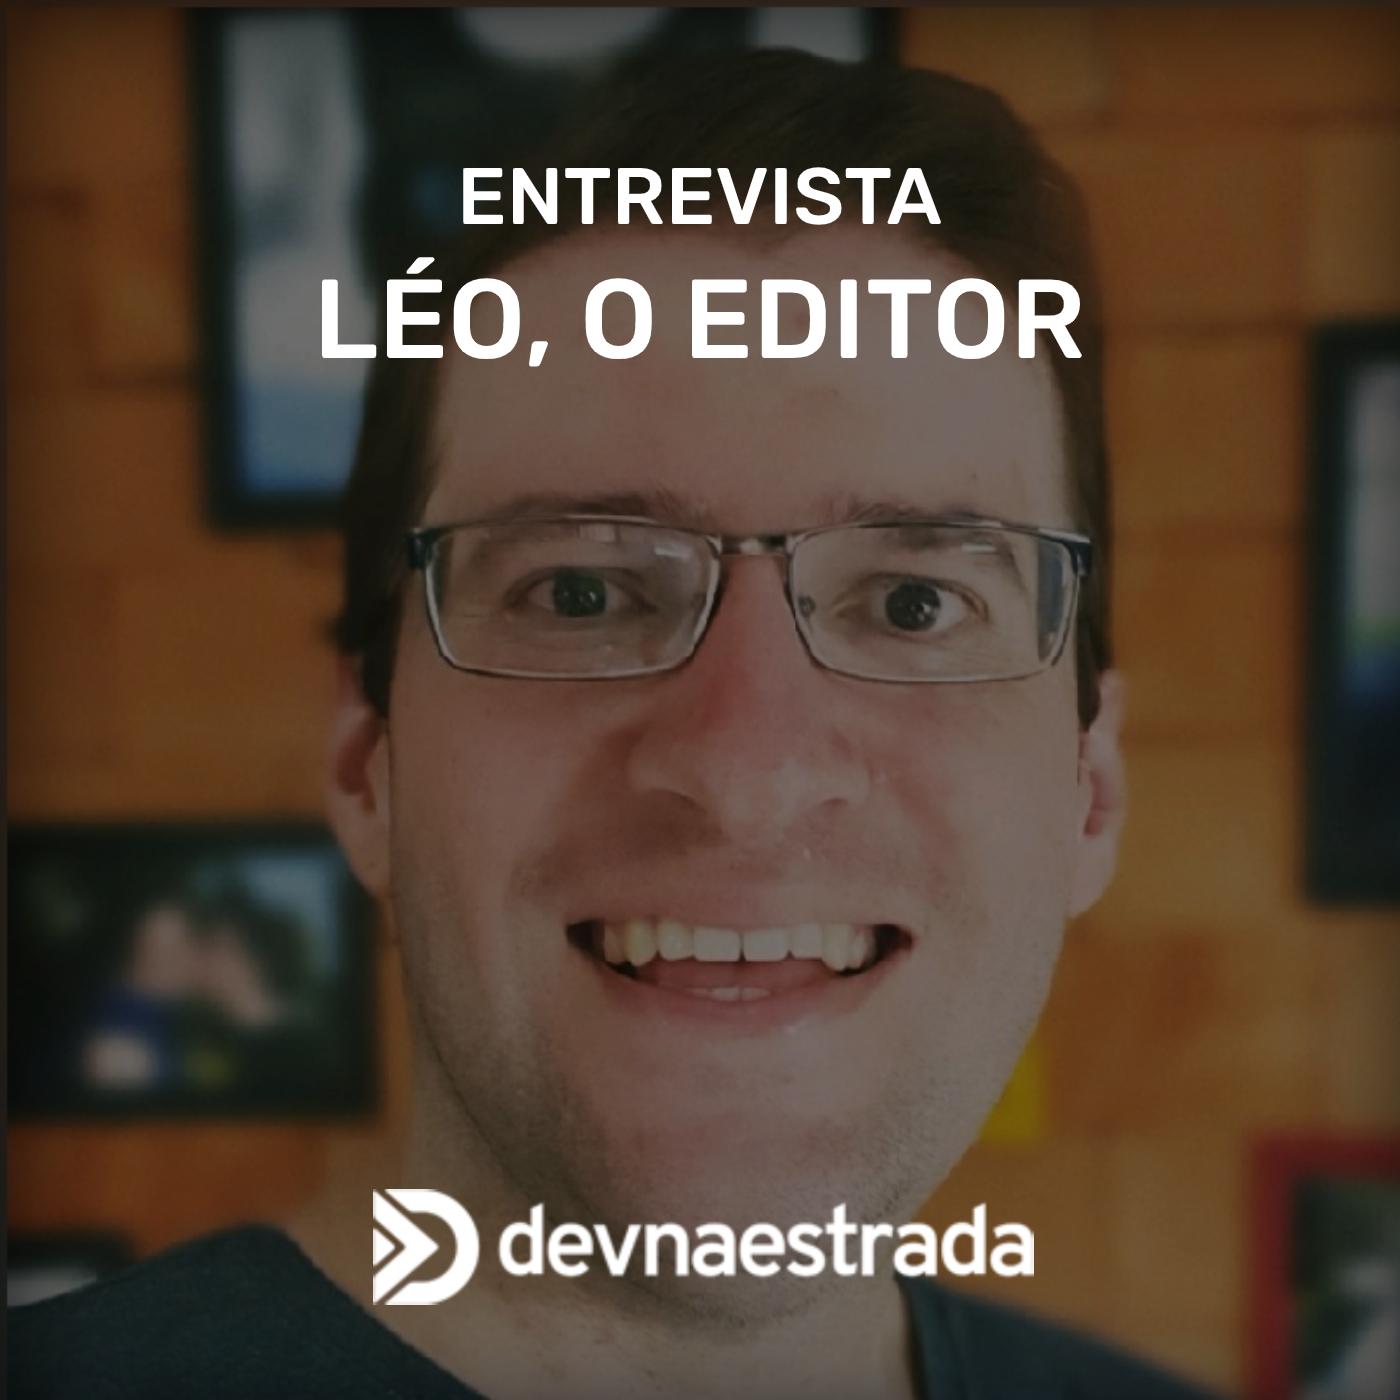 Entrevista: Léo, o Editor